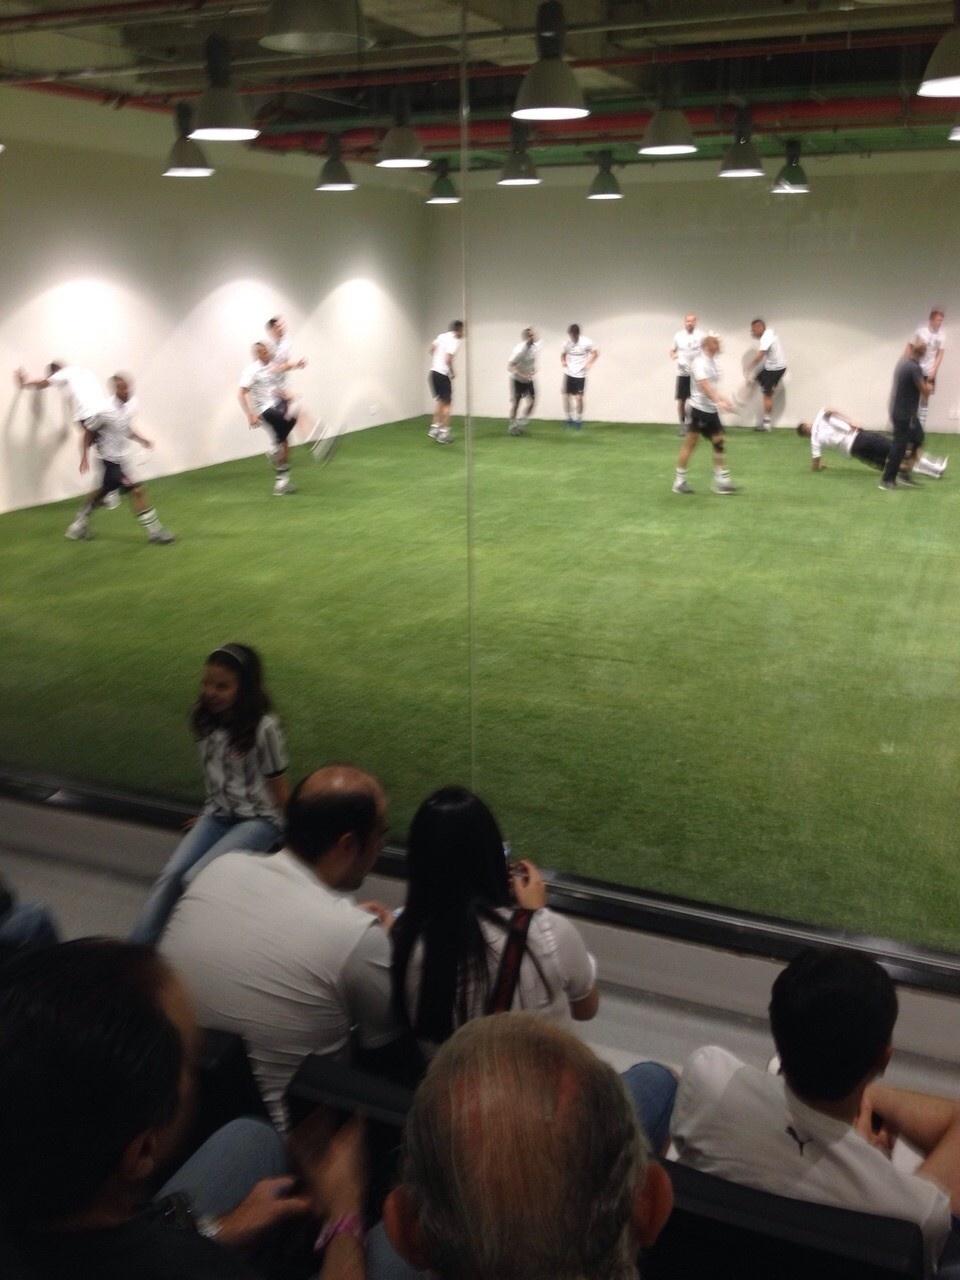 Atletas do Corinthians fazem aquecimento junto a torcedores antes da partida contra o Criciúma